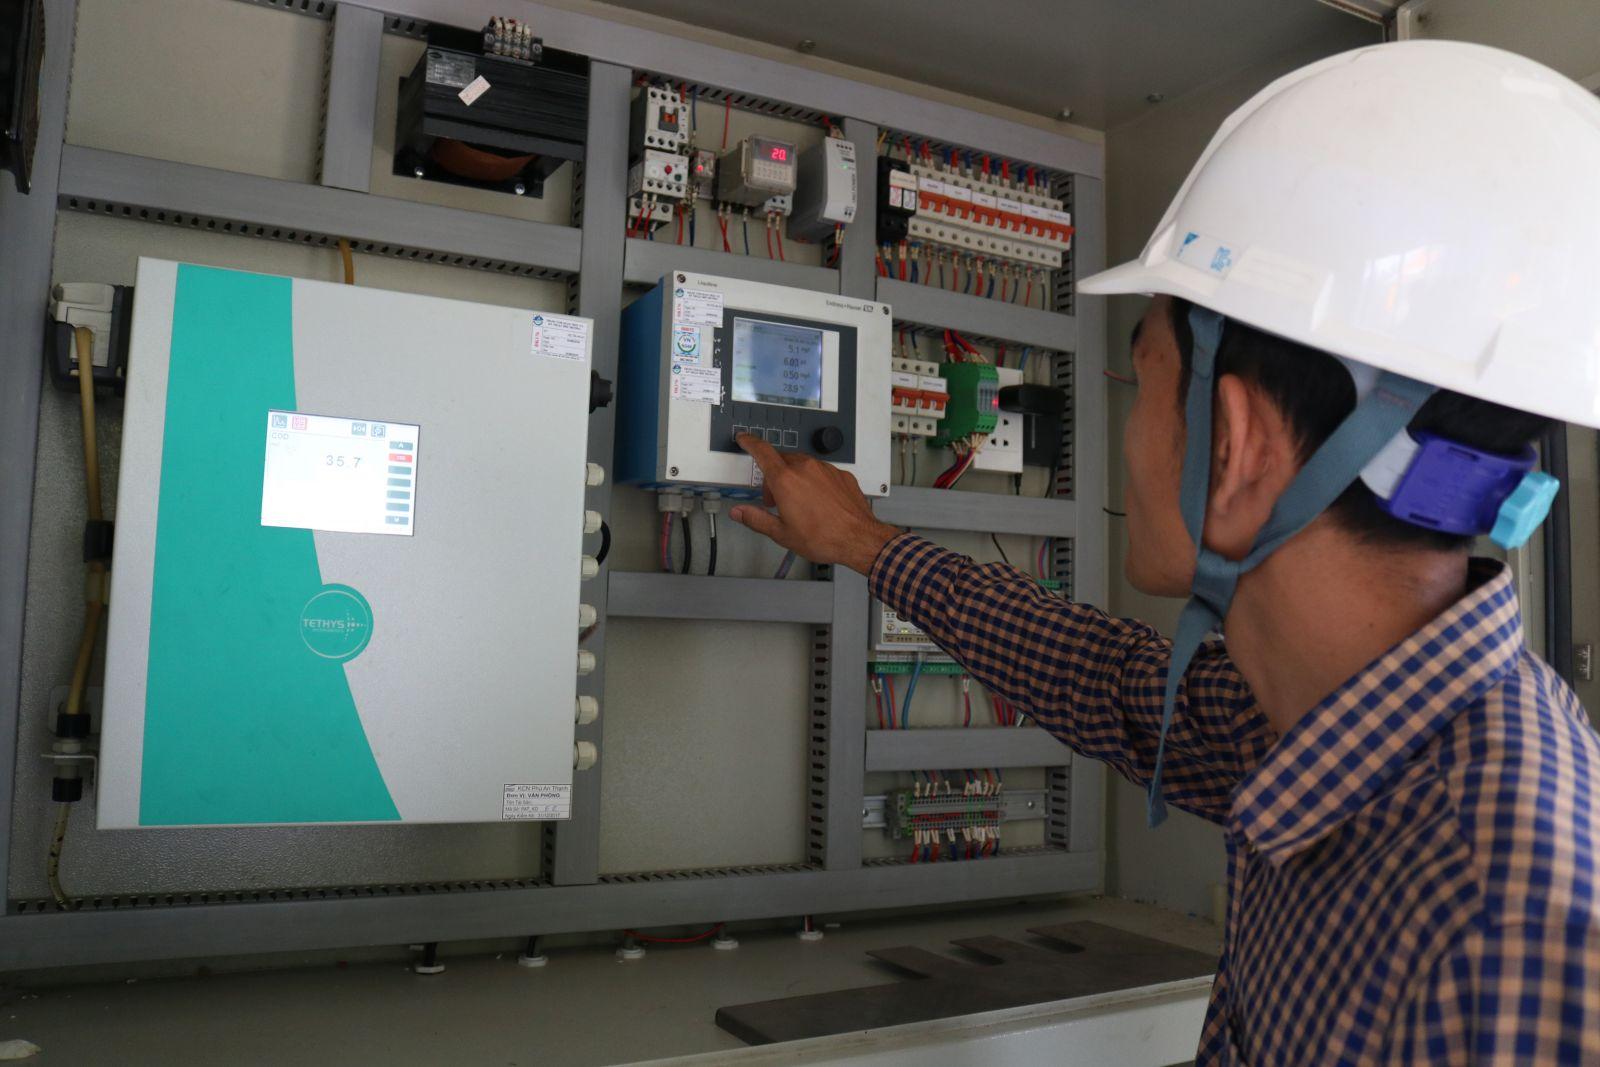 Lắp đặt trạm quan trắc và truyền dữ liệu về Sở Tài nguyên và Môi trường để theo dõi, quản lý, góp phần bảo vệ môi  trường